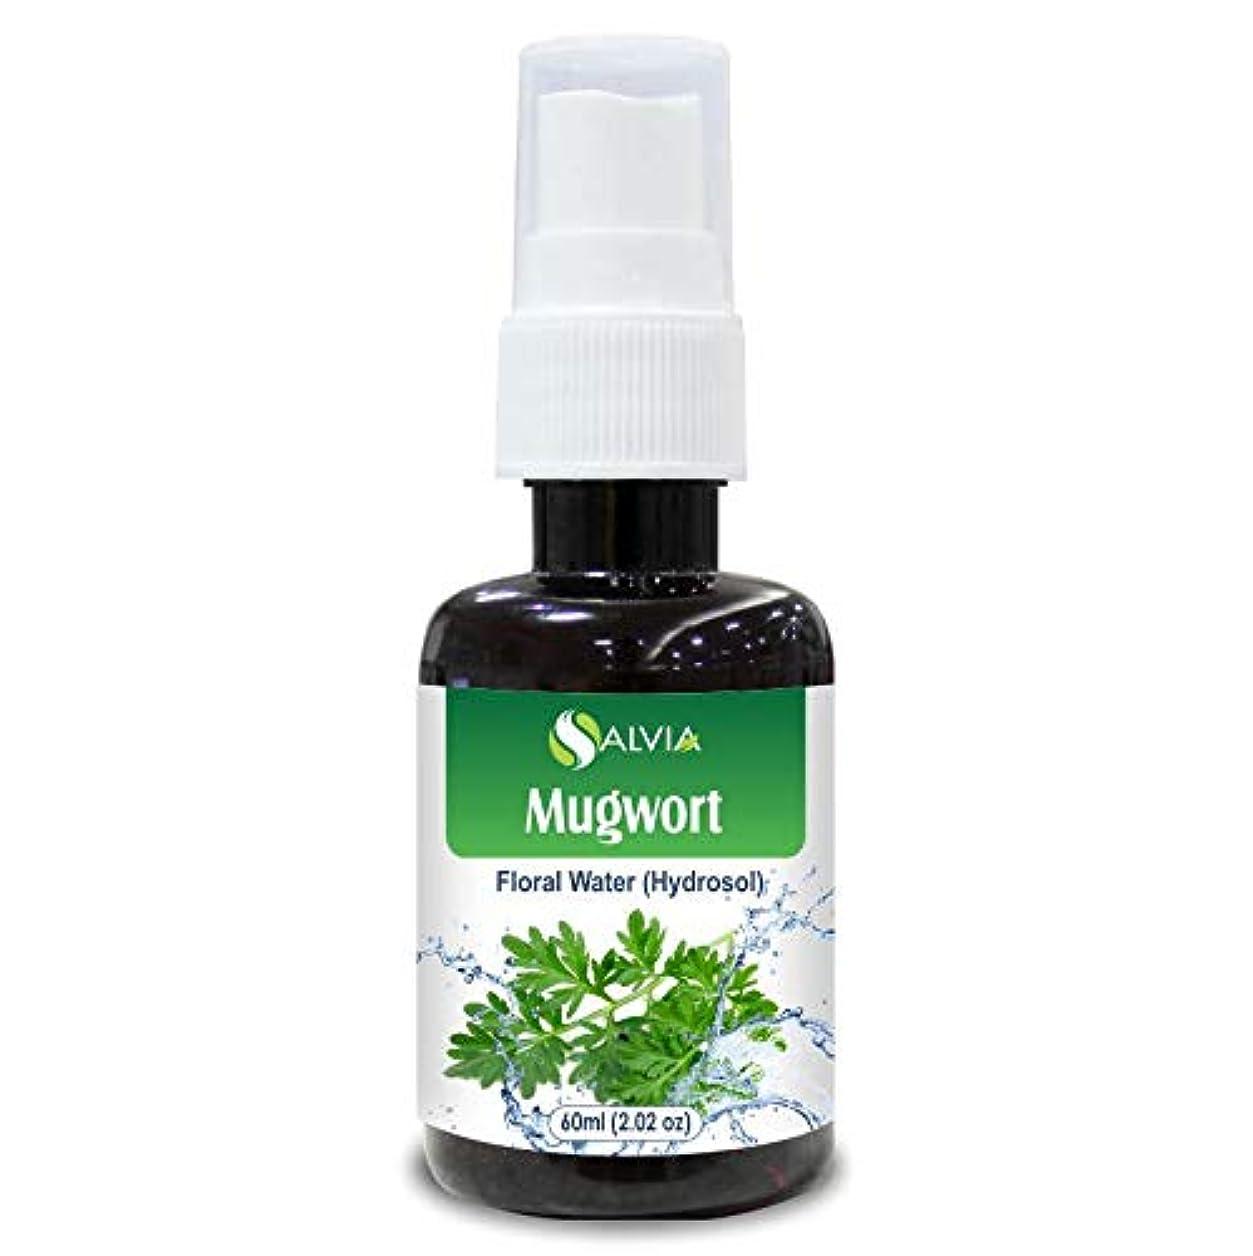 むしゃむしゃ知事大使館Mugwort Floral Water 60ml (Hydrosol) 100% Pure And Natural